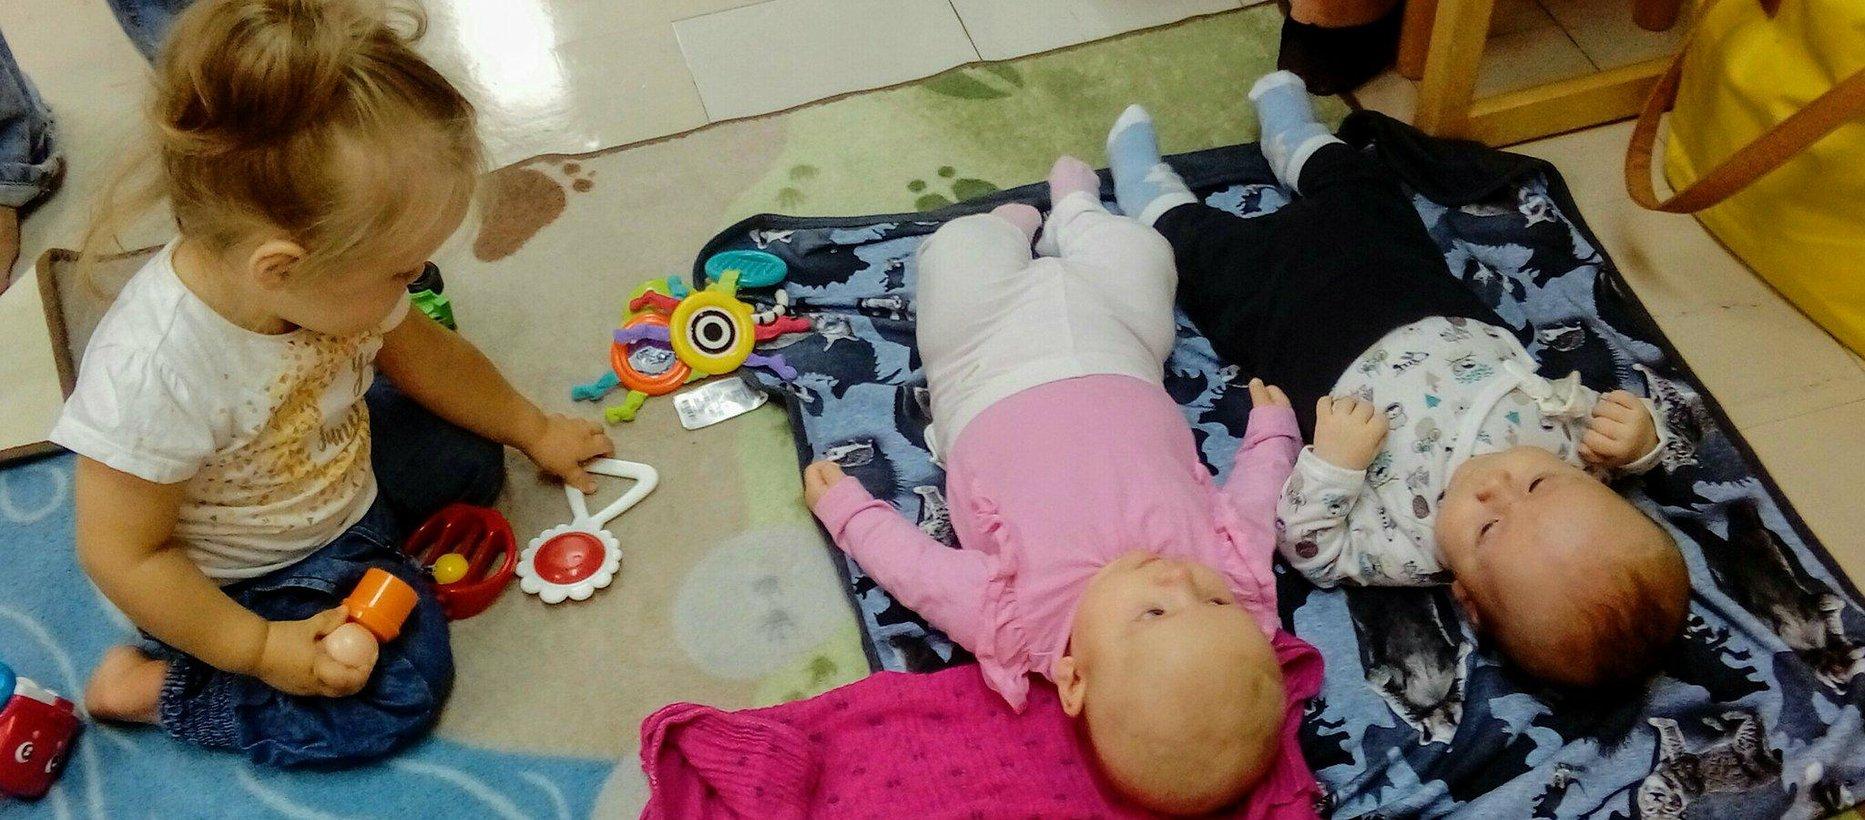 Pieniä perhekeholaisia, joista kaksi vauvaa makoilee lattialla ja yksi leikki-ikäinen istuu lelujen kanssa puuhaillen.